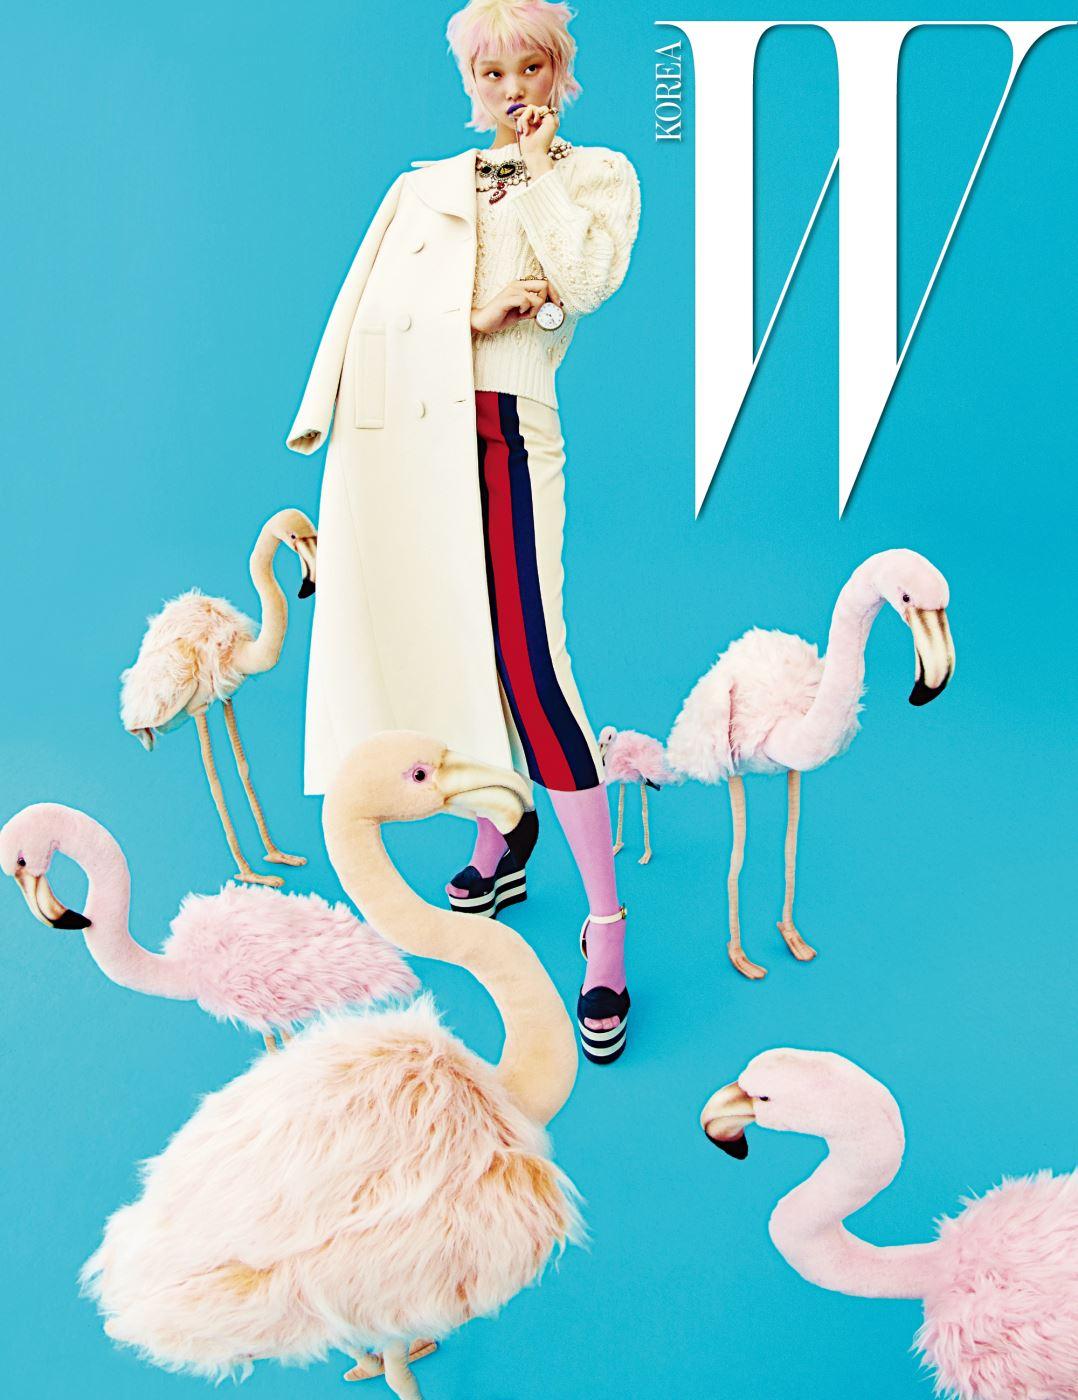 순백의 테일러드 롱 코트, 진주 장식 니트 톱, 줄무늬 스커트, 분홍색 타이츠, 플랫폼 샌들, 반지는 모두 Gucci 제품.